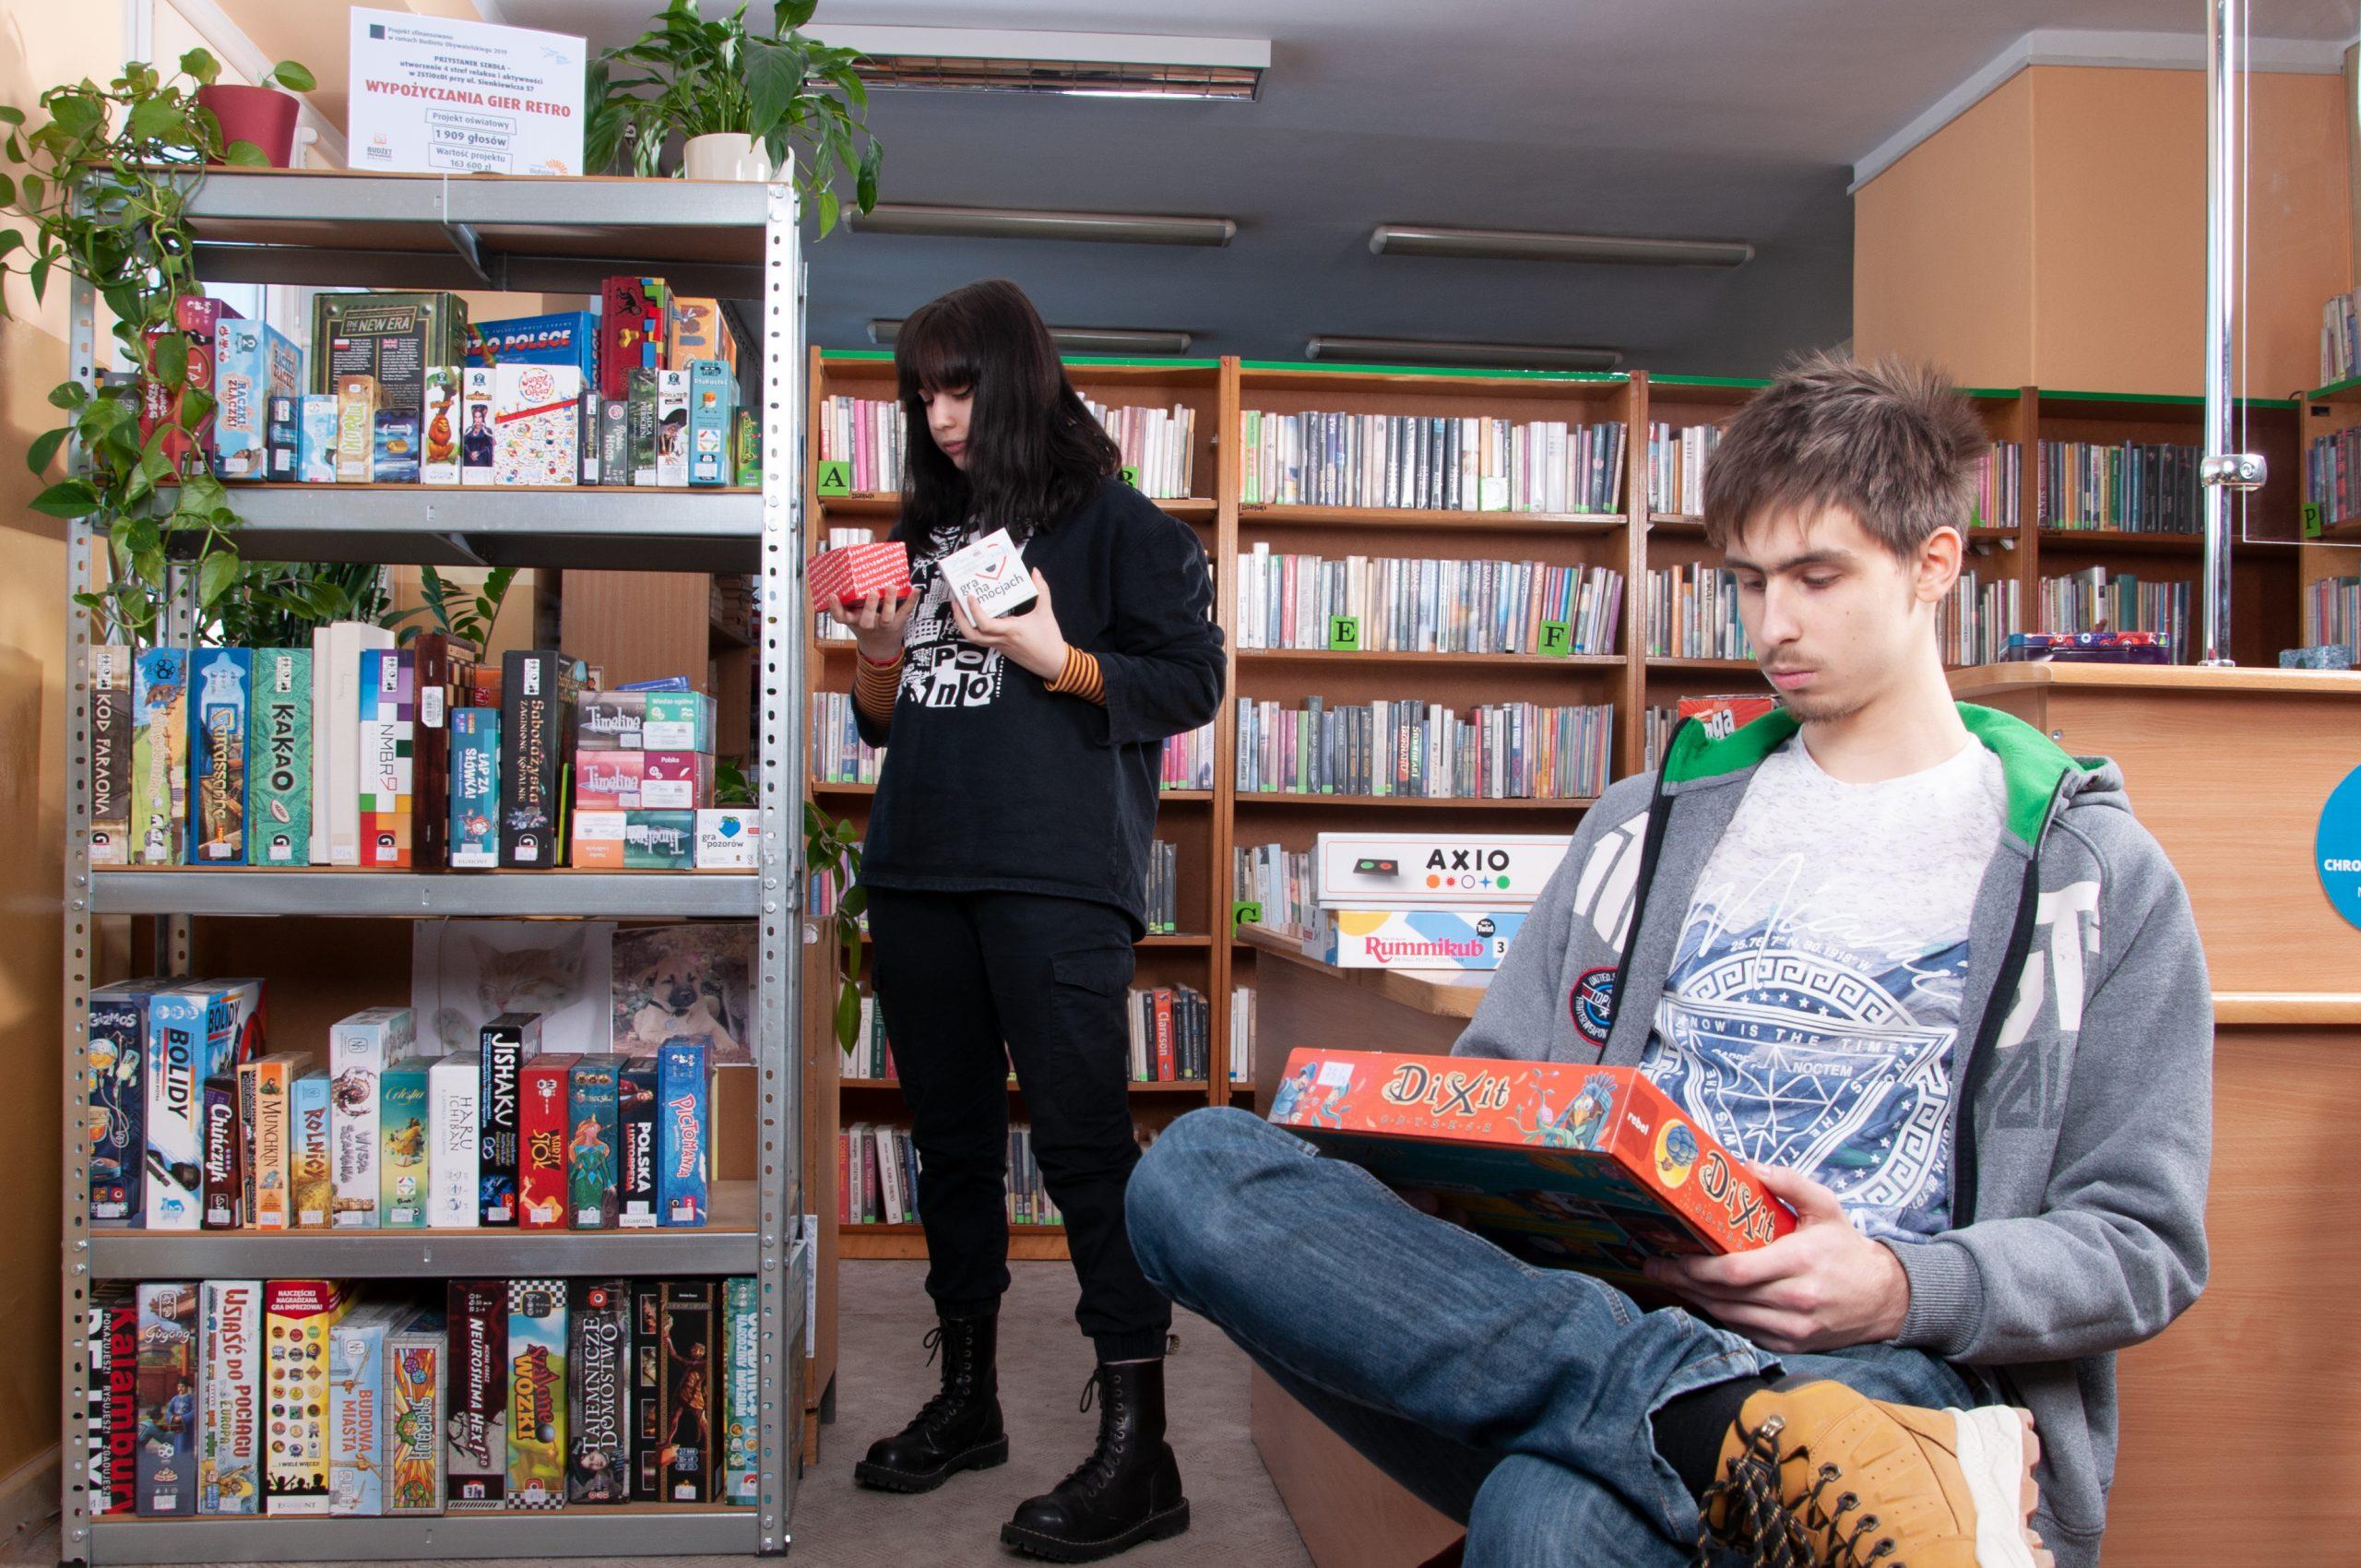 młody chłopak ogląda grę planszową, młoda dziewczyna wybiera grę planszową